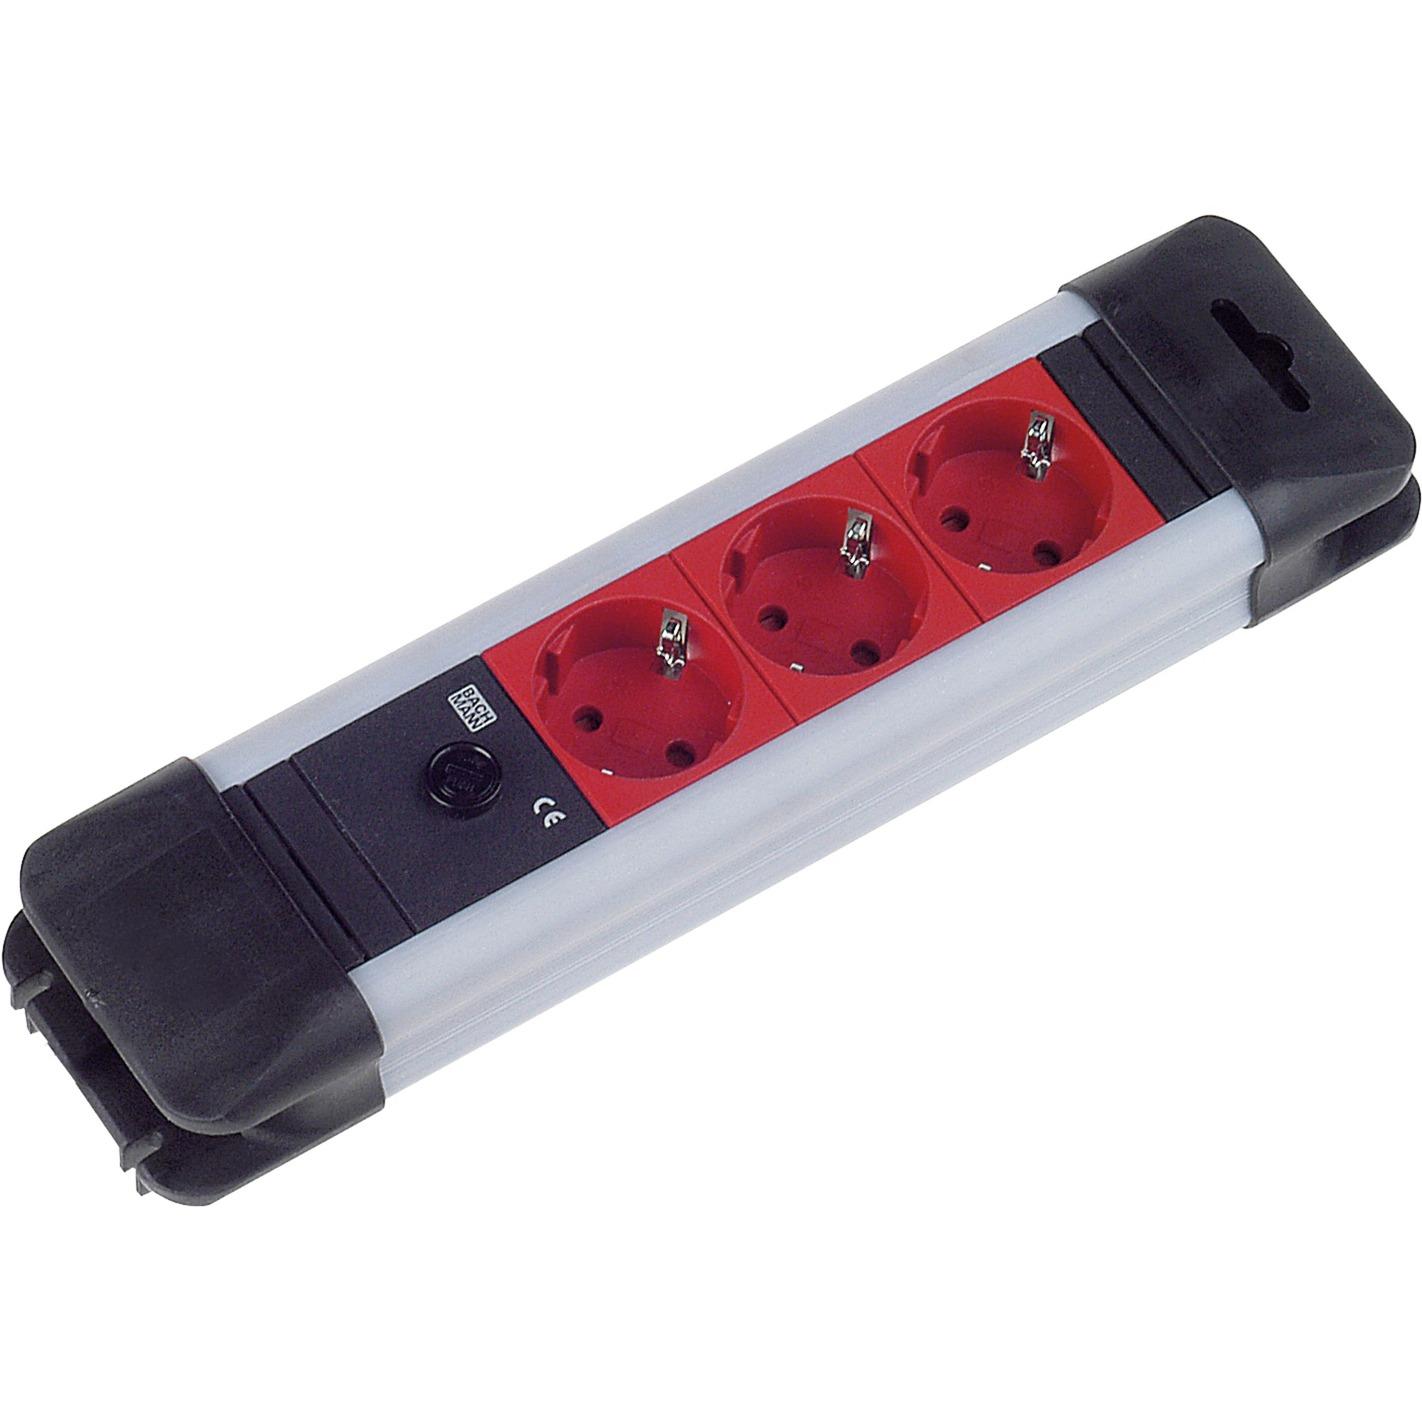 2m 3x Schuko H05VV-F 3G 1.0mm2 3AC outlet(s) 2m Negro, Rojo base múltiple, Regleta